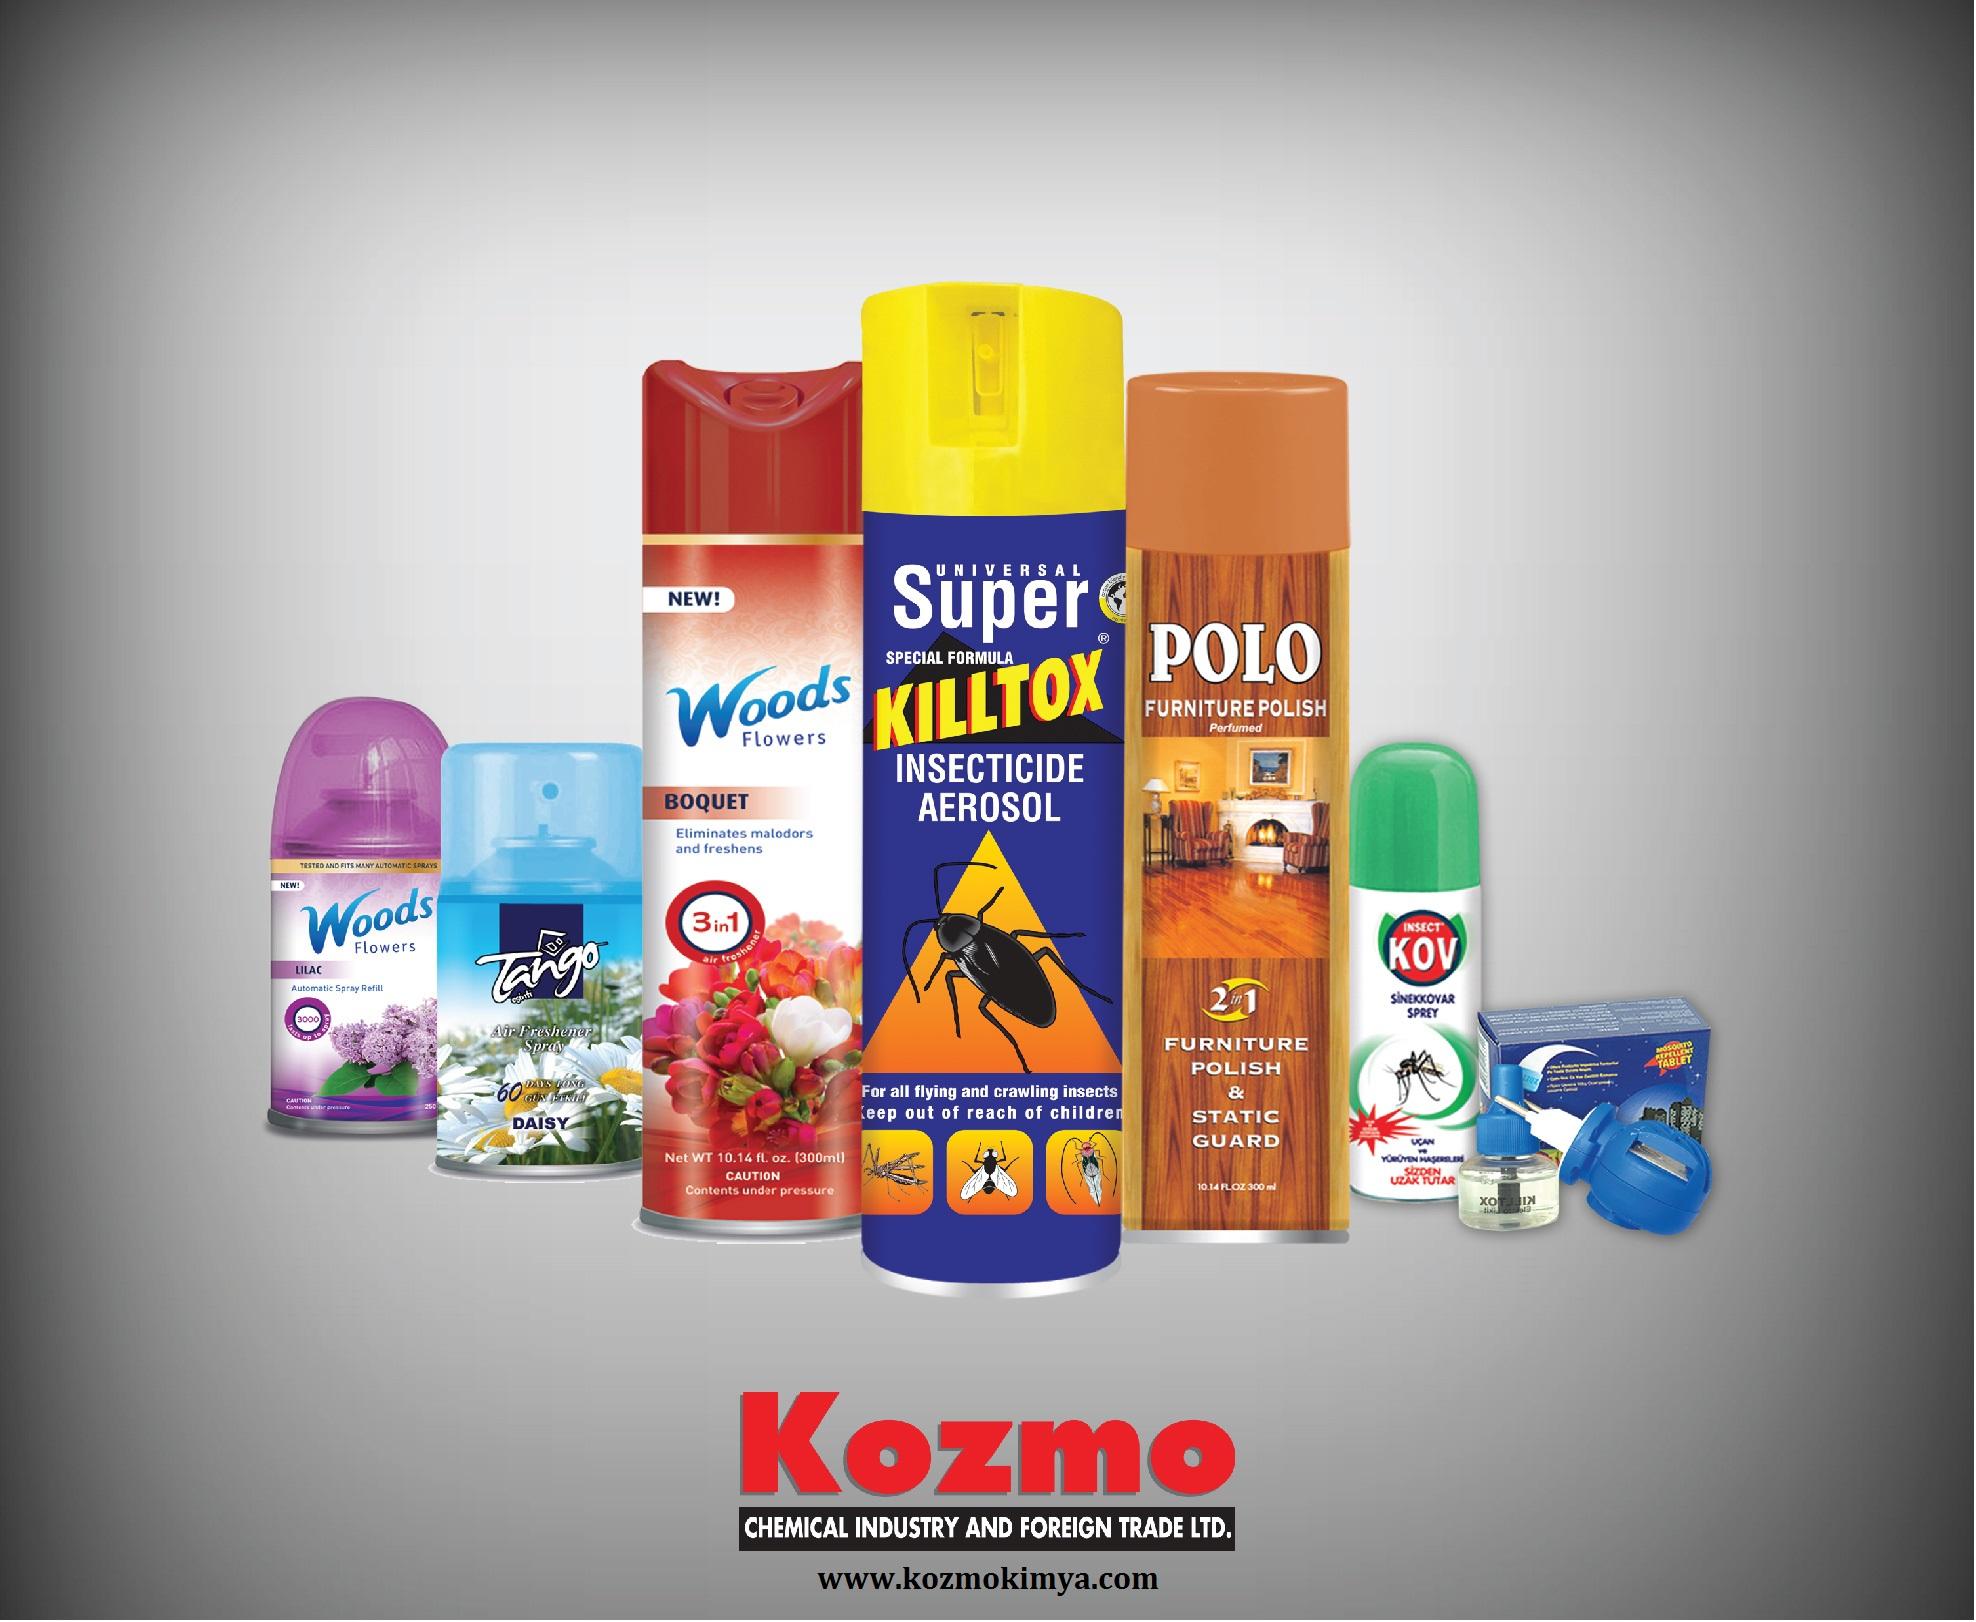 Kozmo Kimya Endüstri ve Dış Ticaret Ltd.Şti., KOZMO KİMYA (San. ve Dış Tic. LTD.Şti)